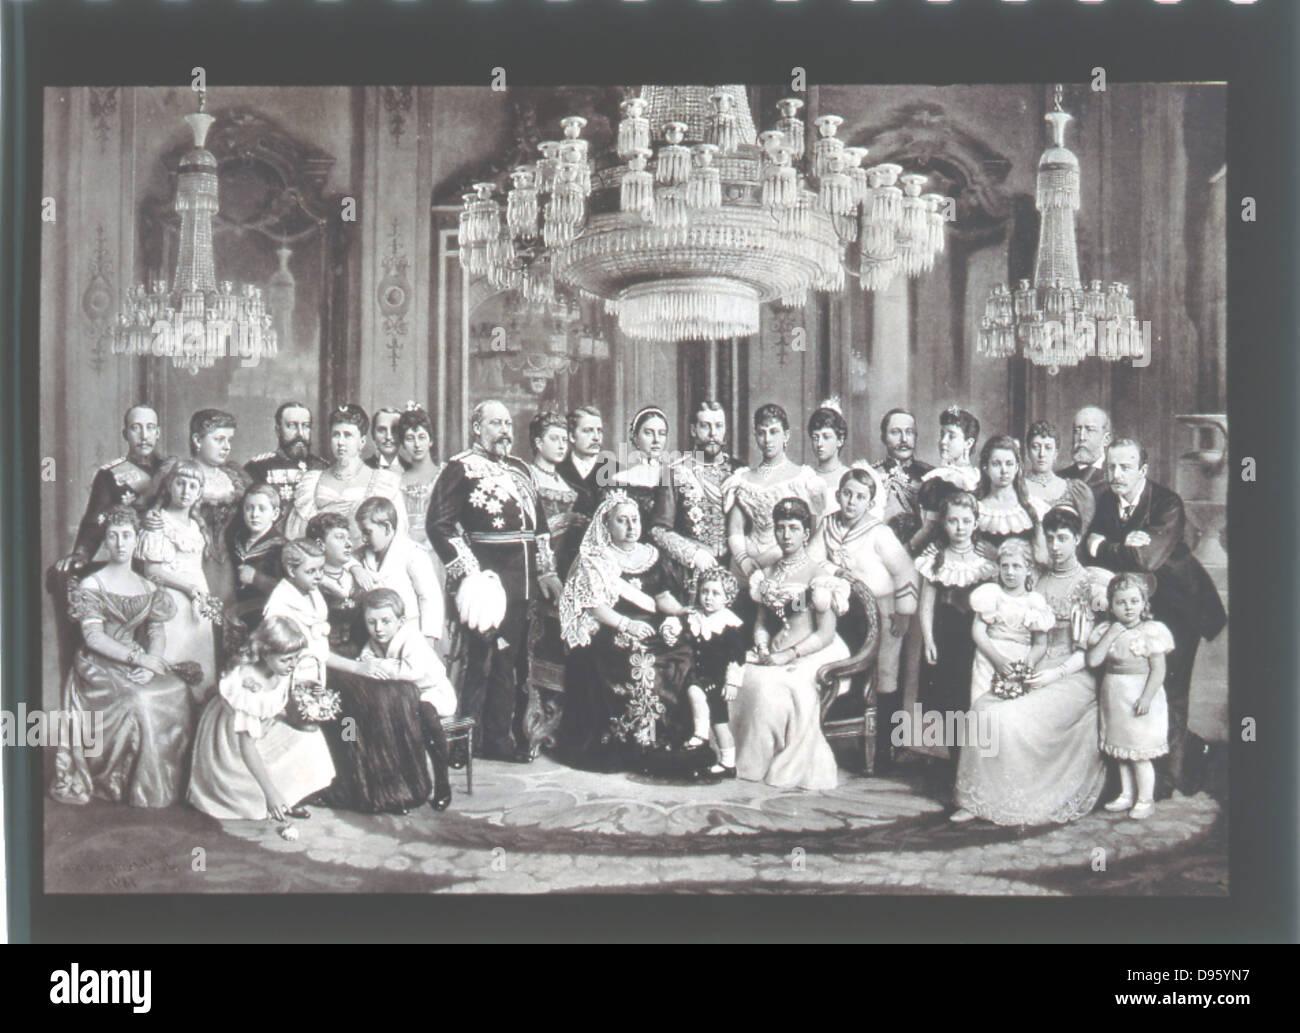 British Royal Family History Photos British Royal Family History